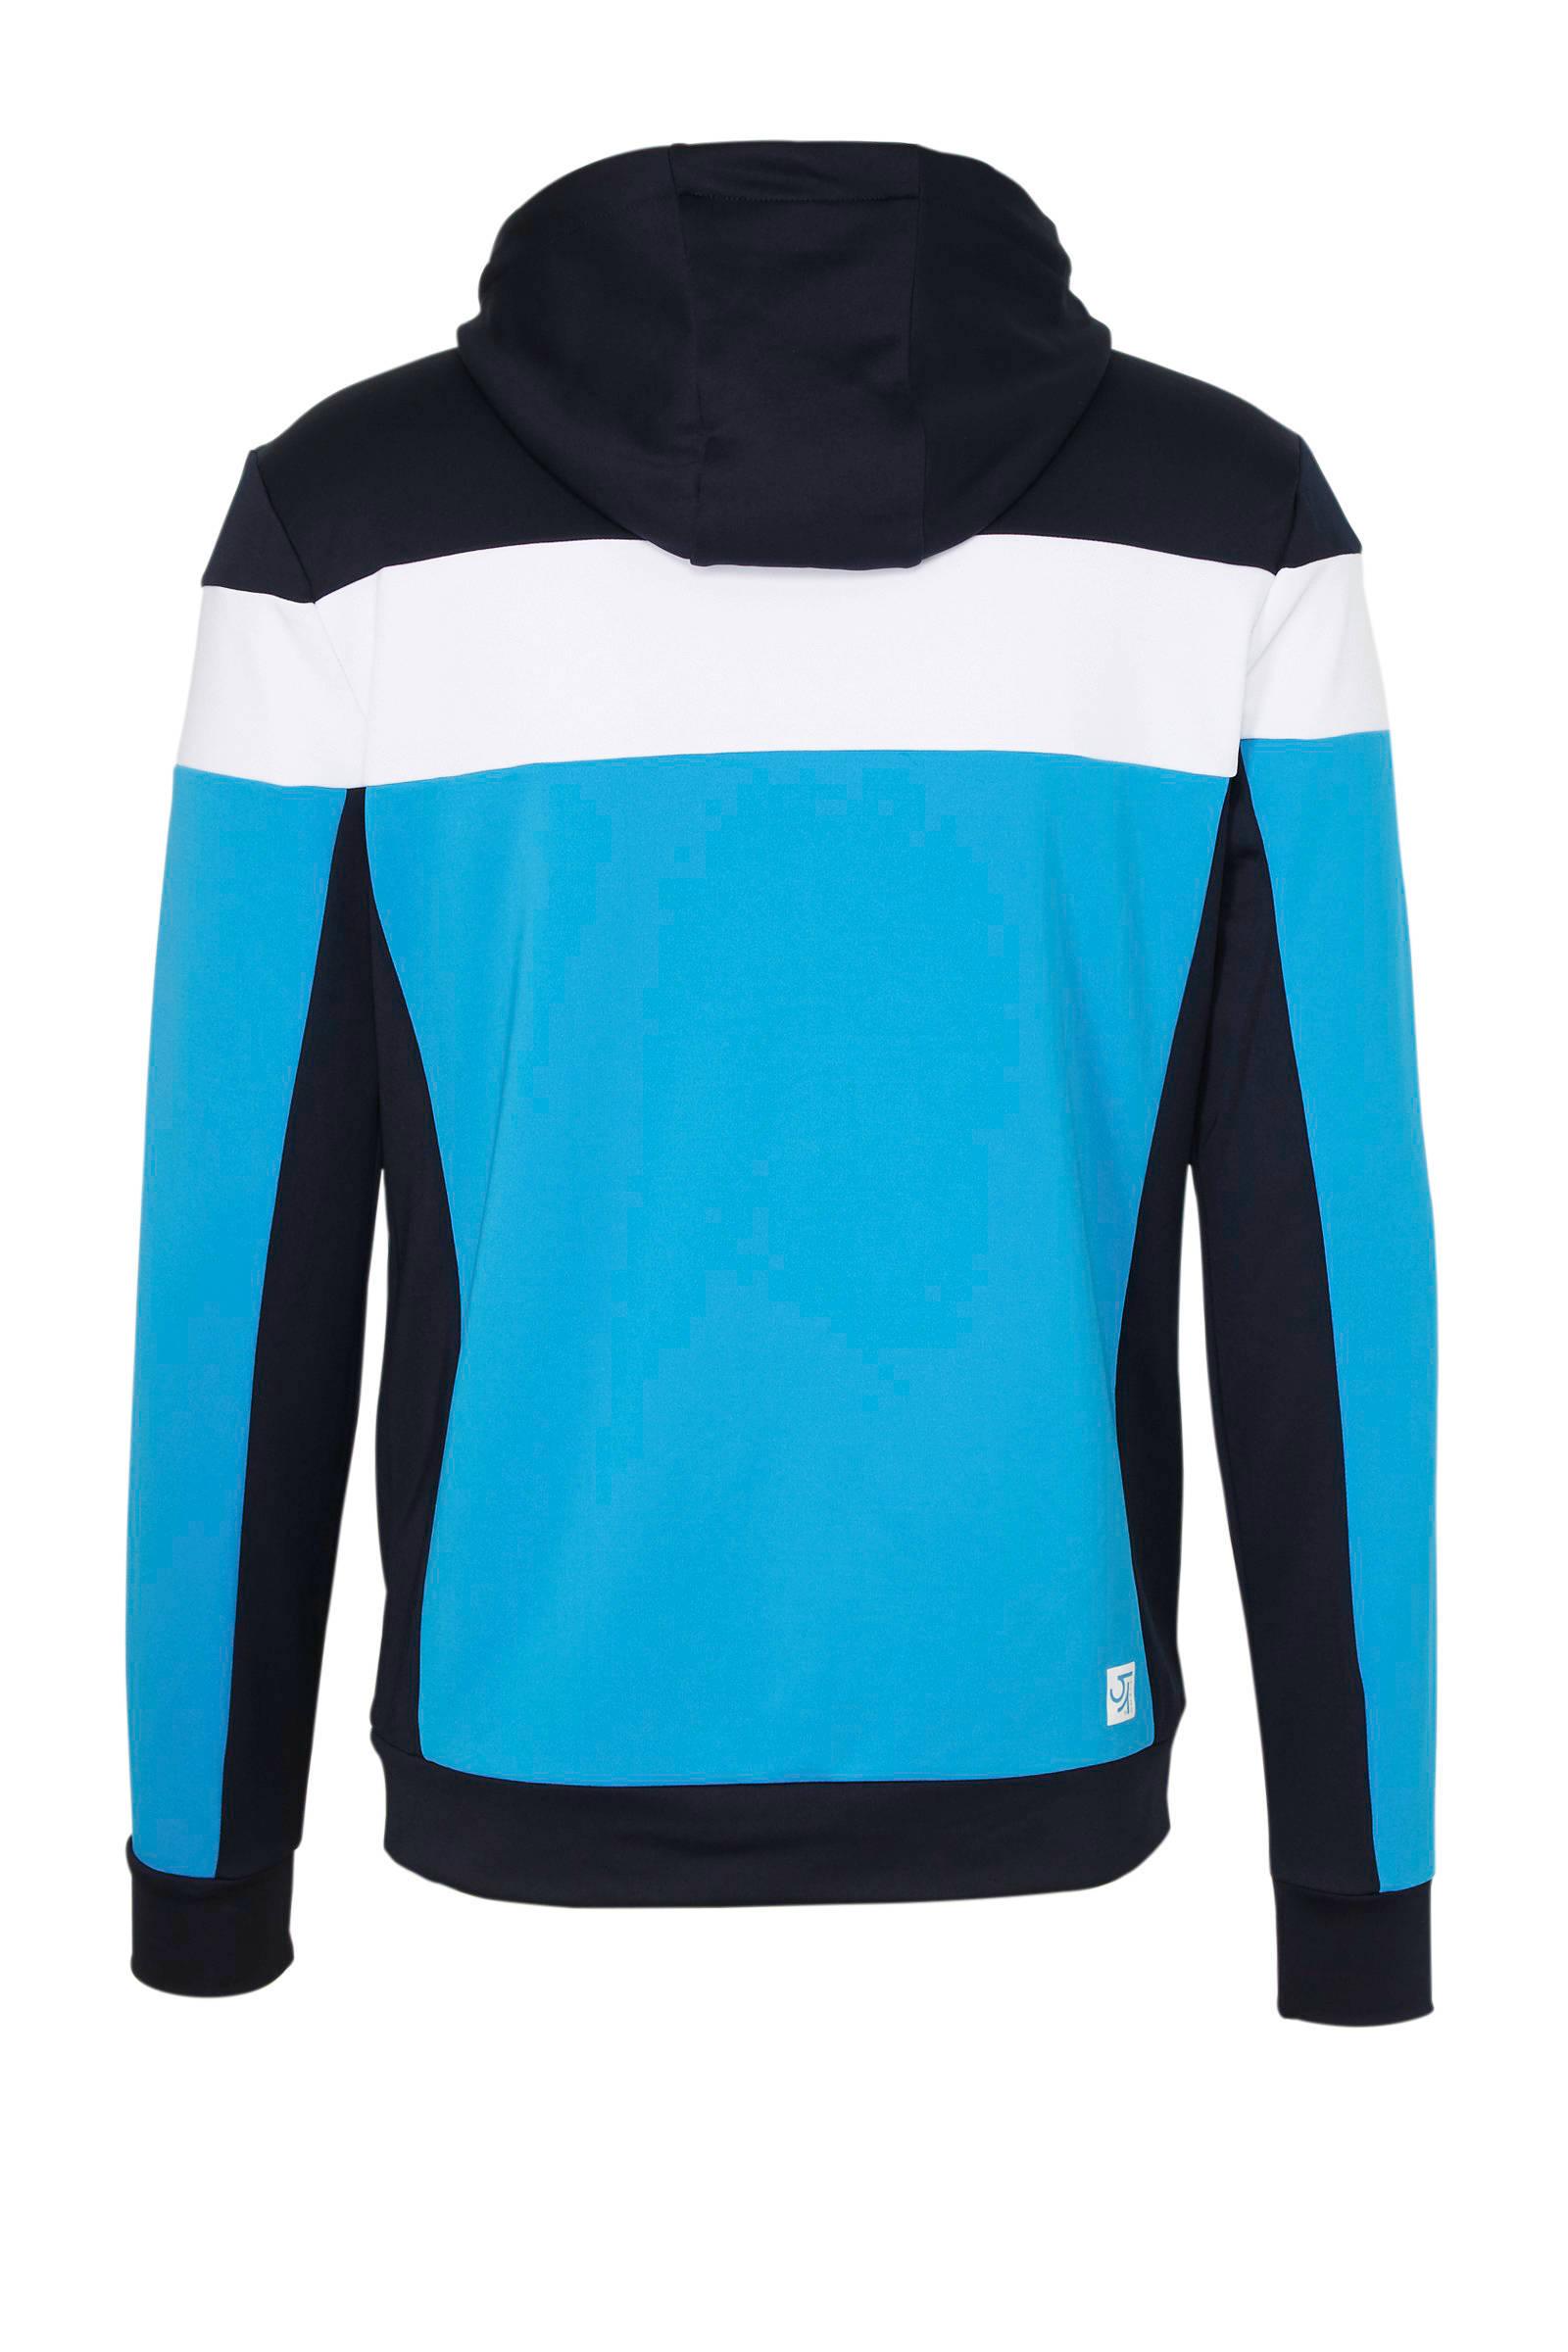 Sjeng Sports sportvest turquoise/zwart/wit